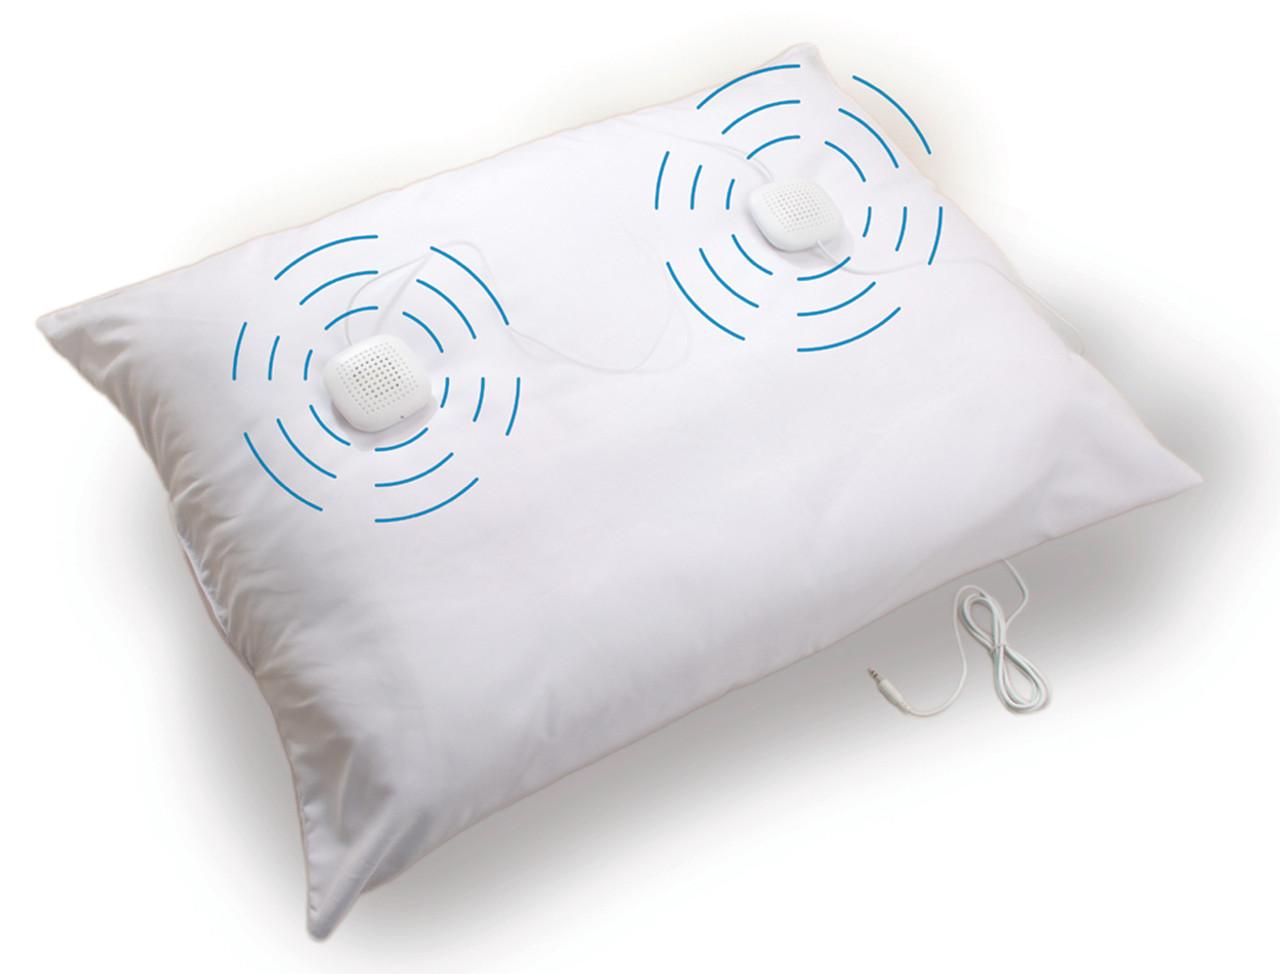 Sound Oasis Sleep Therapy Pillow Tinnitus Sound Machine